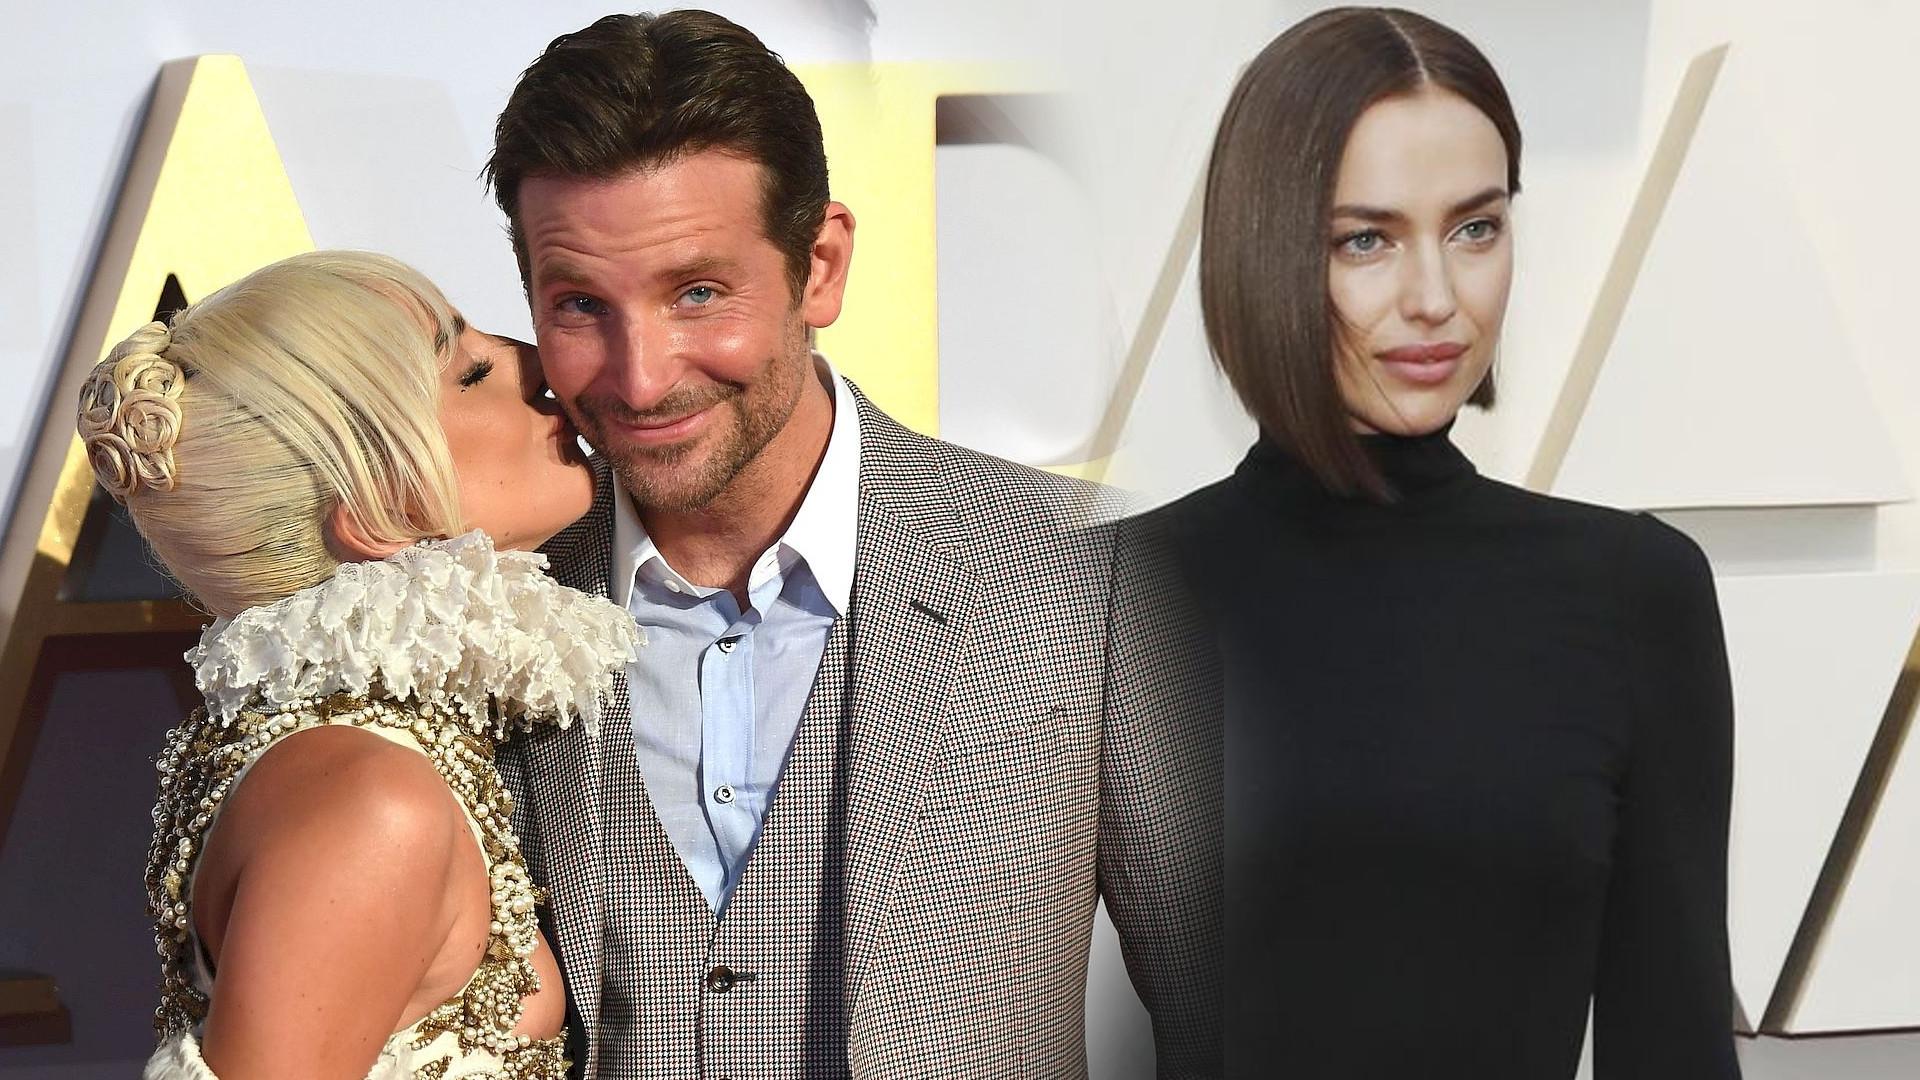 Wyszły na jaw kulisy romansu Lady Gagi i Bradleya Coopera. Zbieramy szczękę z podłogi!